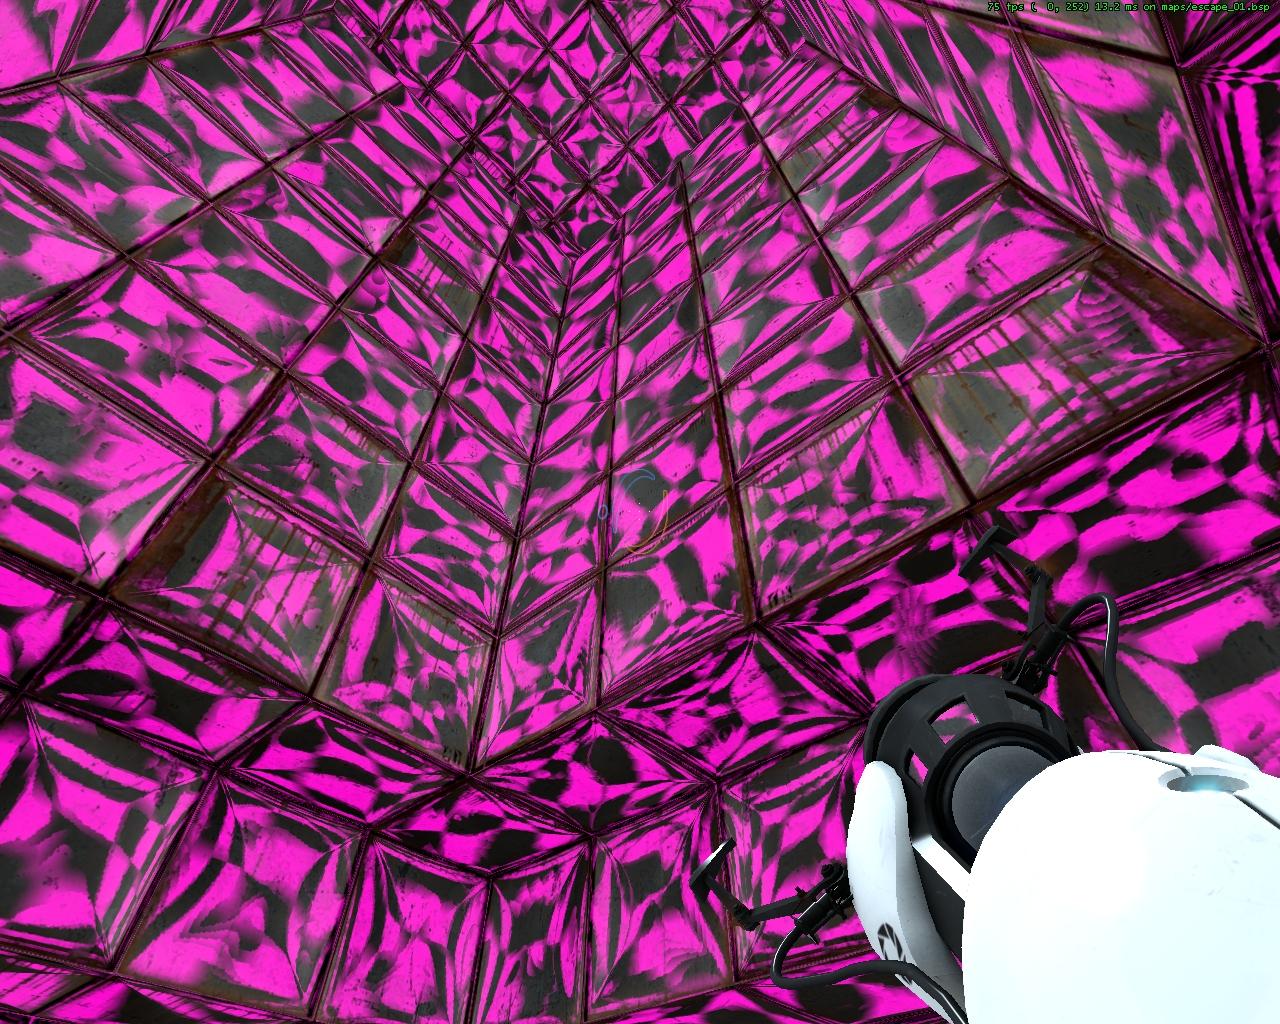 escape_010016.jpg - Portal escape_01, Portal 2006, Portal Beta